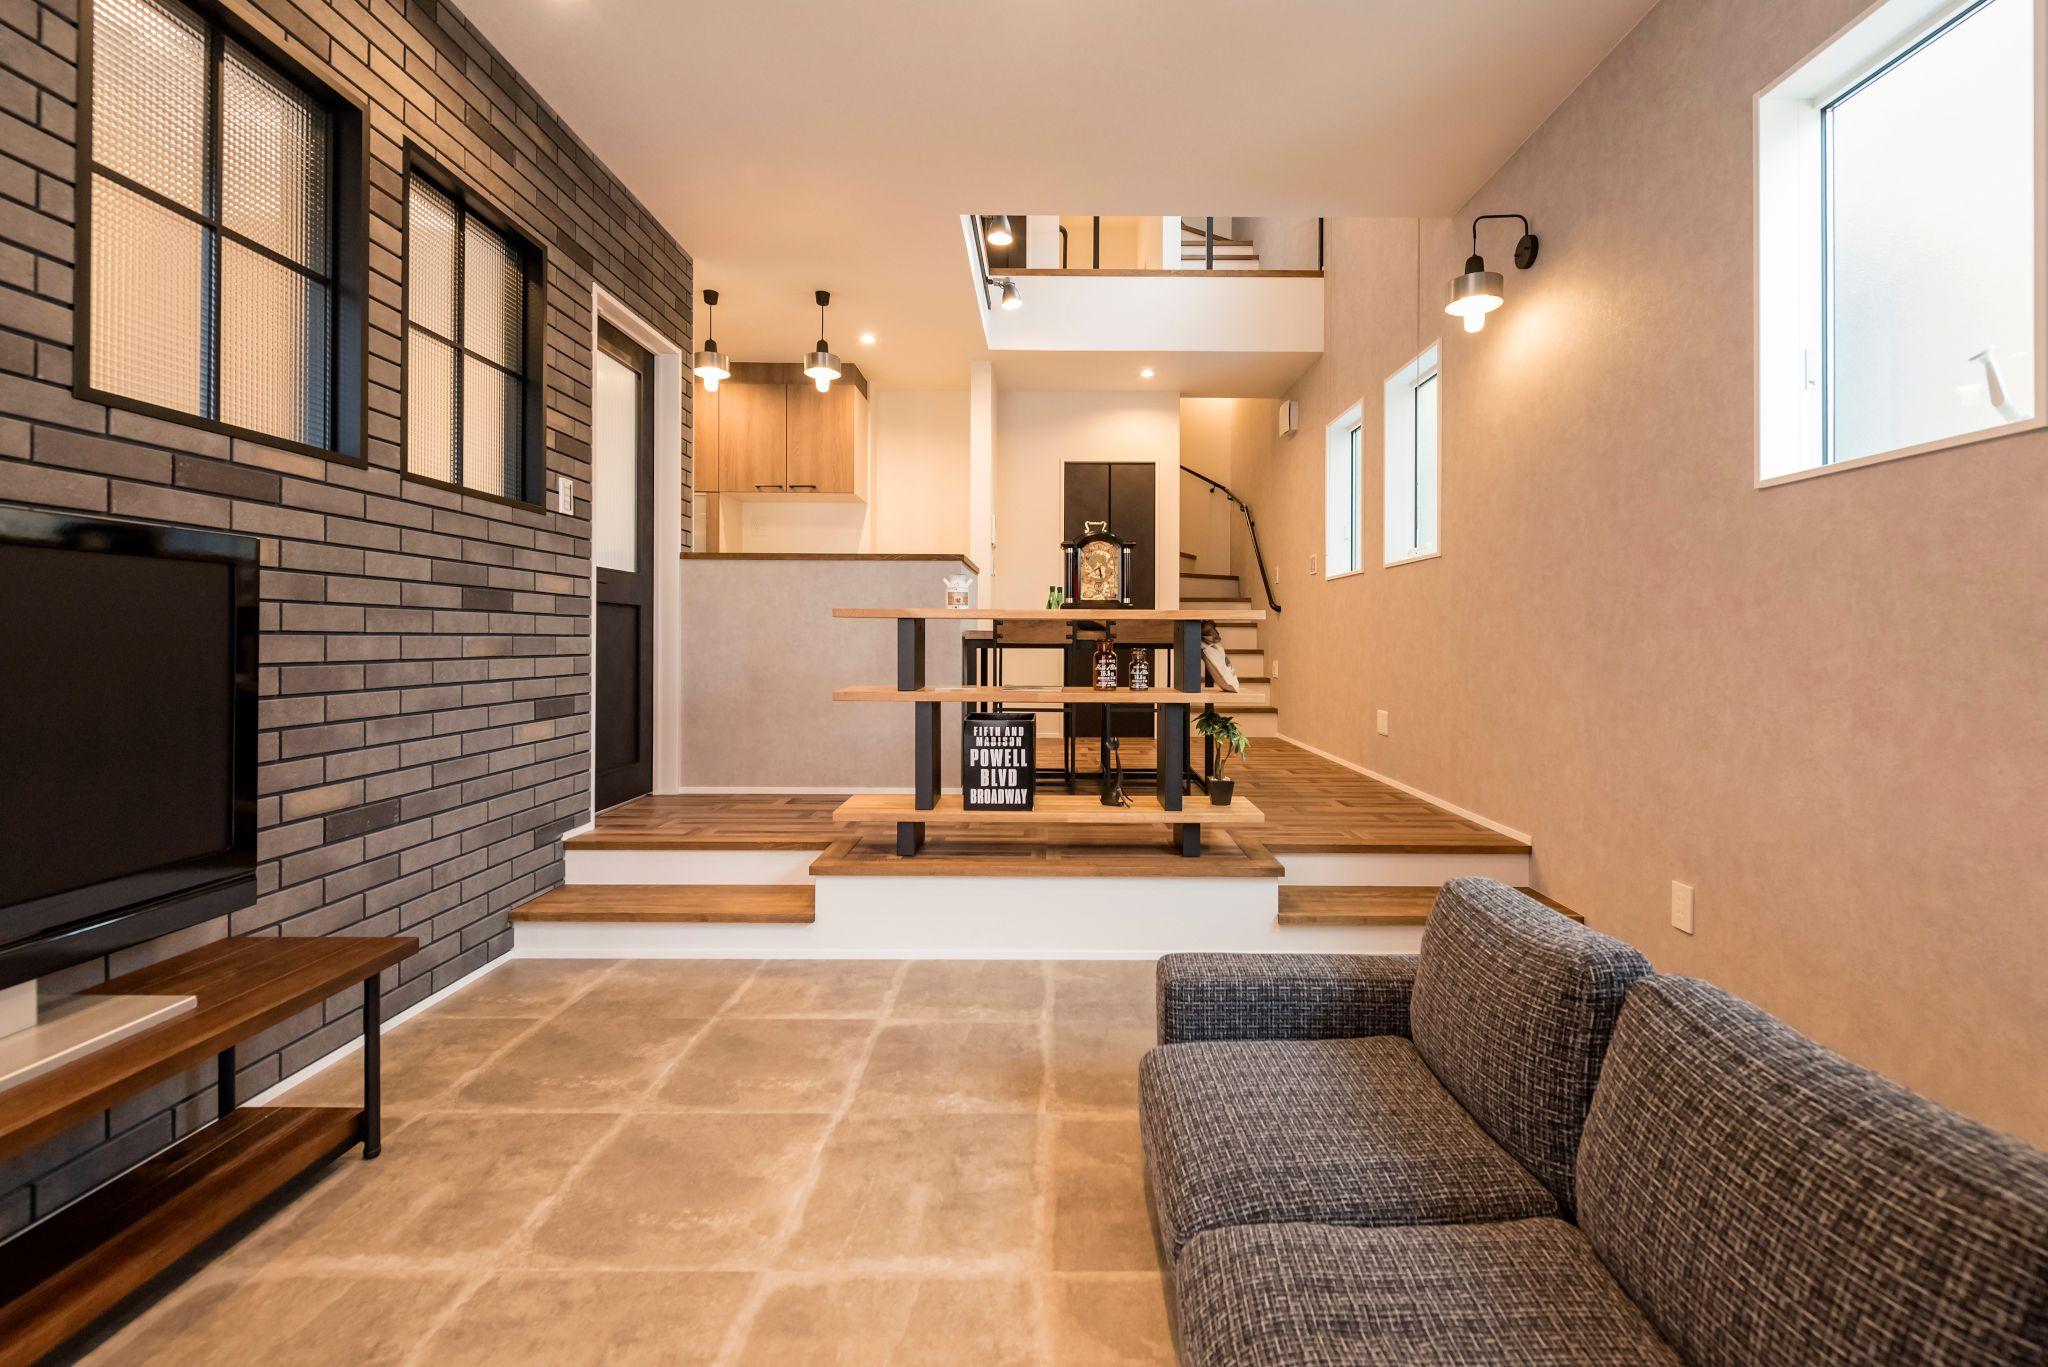 清水区 駿河区 葵区 静岡市 三和建設 新築 オープンハウス リビング